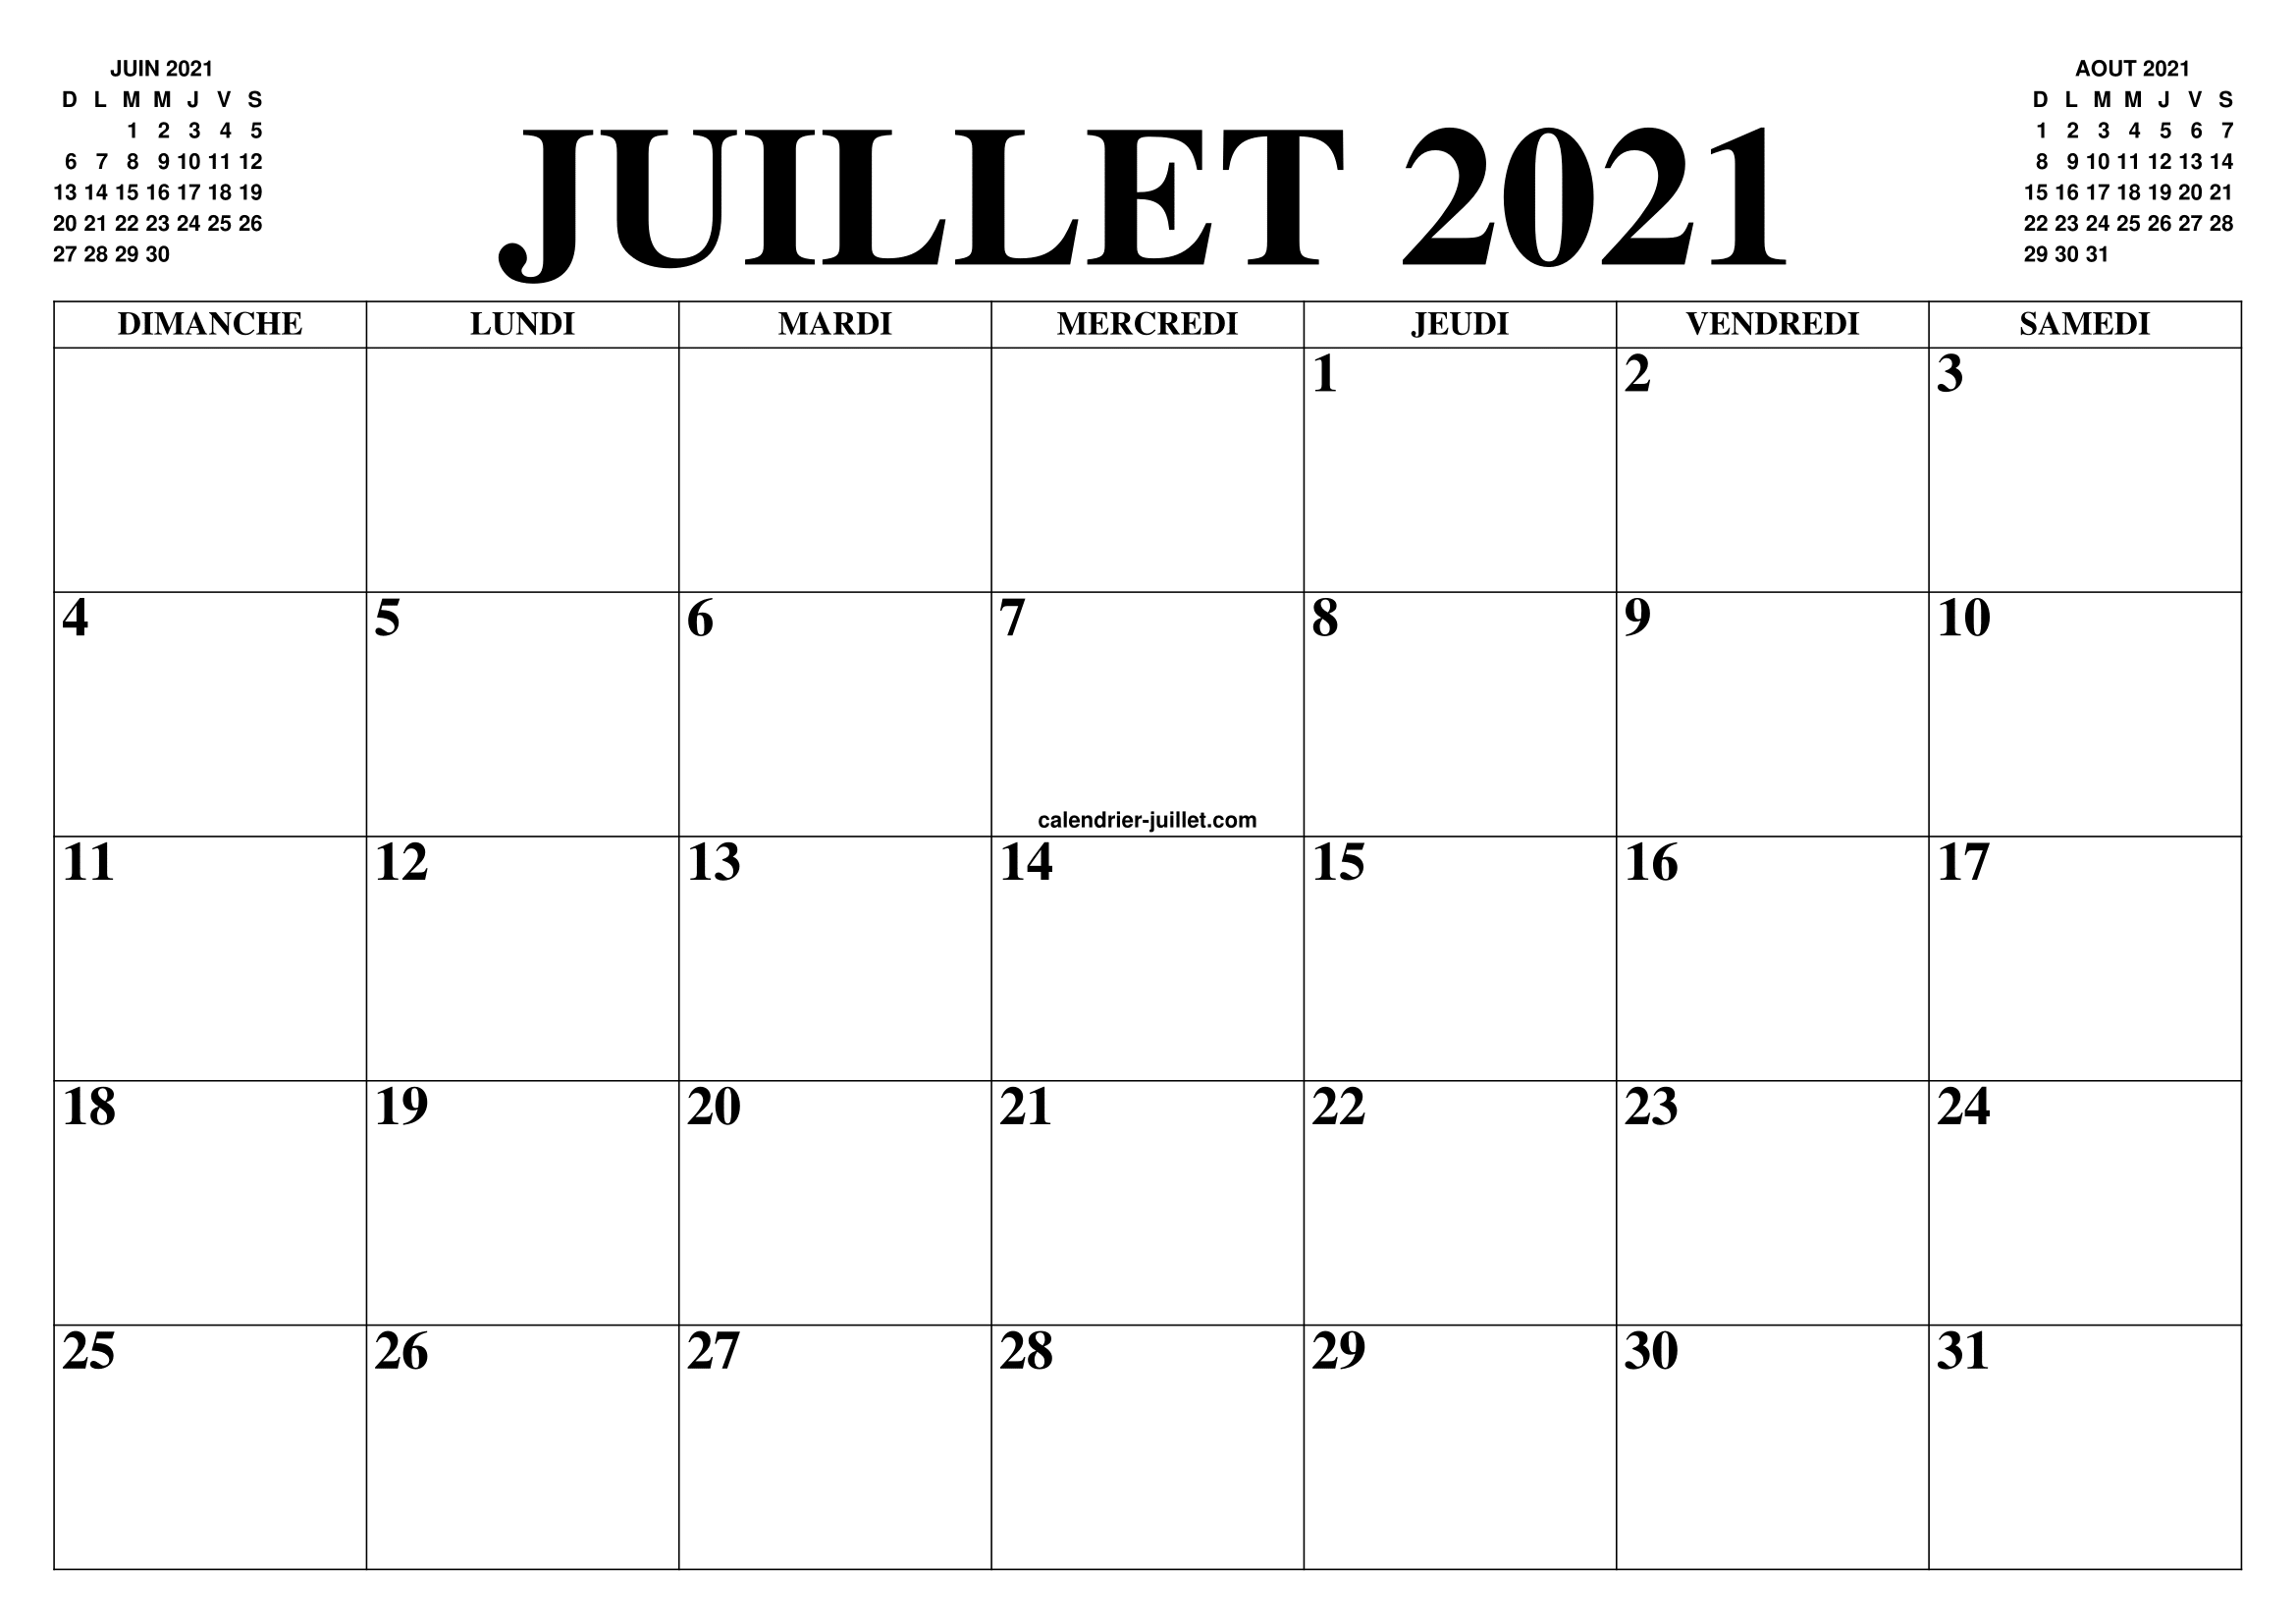 Calendrier Du Mois De Juillet 2021 CALENDRIER JUILLET 2021 : LE CALENDRIER DU MOIS DE JUILLET GRATUIT